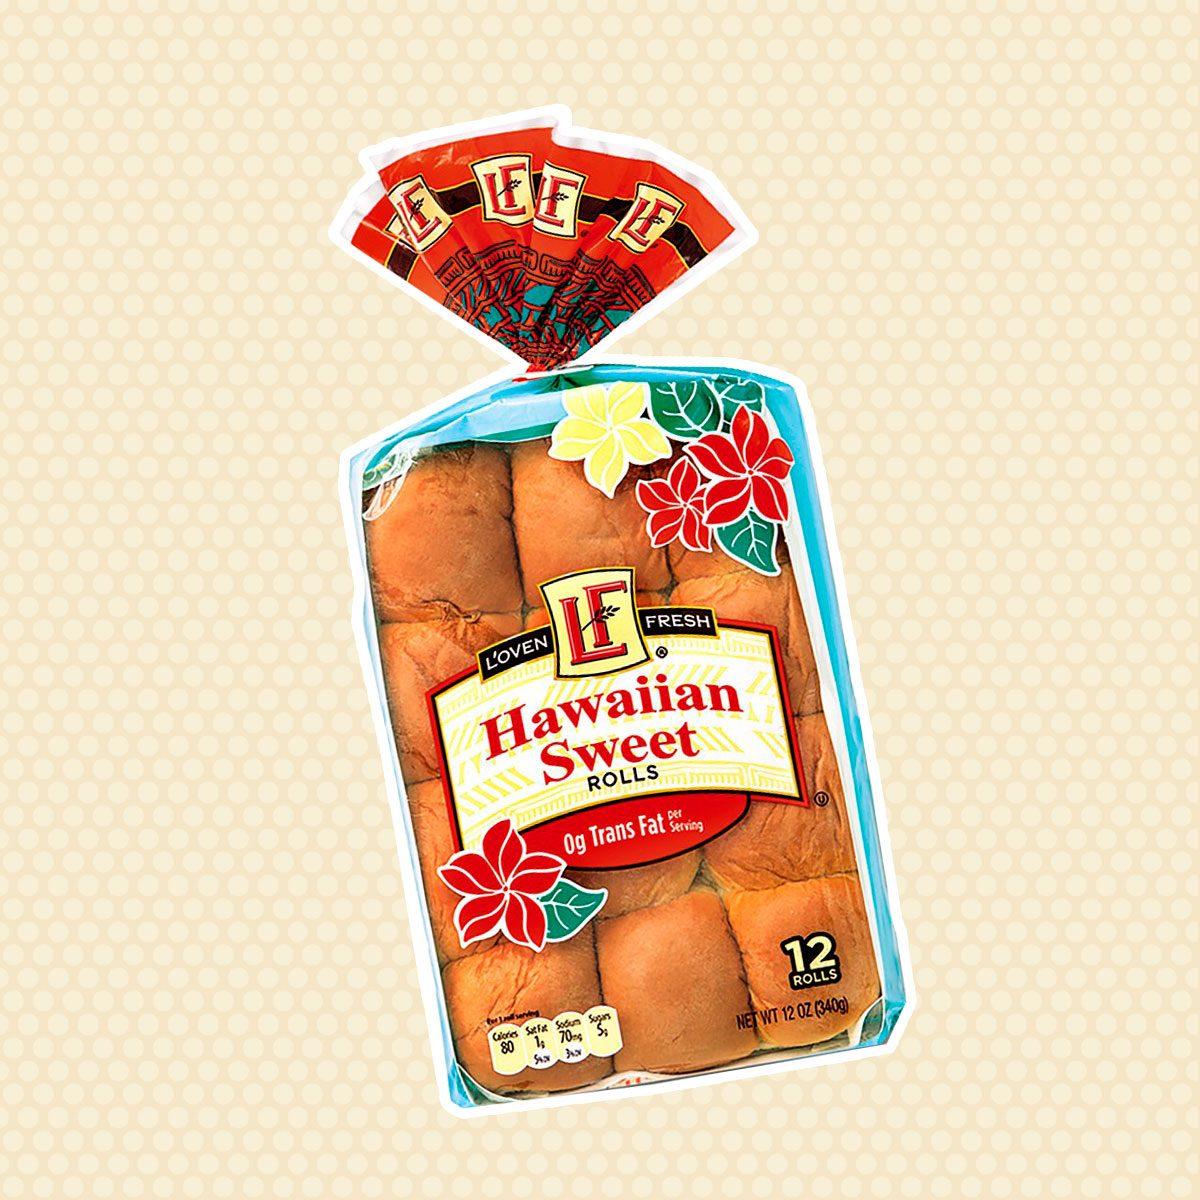 L'oven Fresh Hawaiian Sweet Rolls